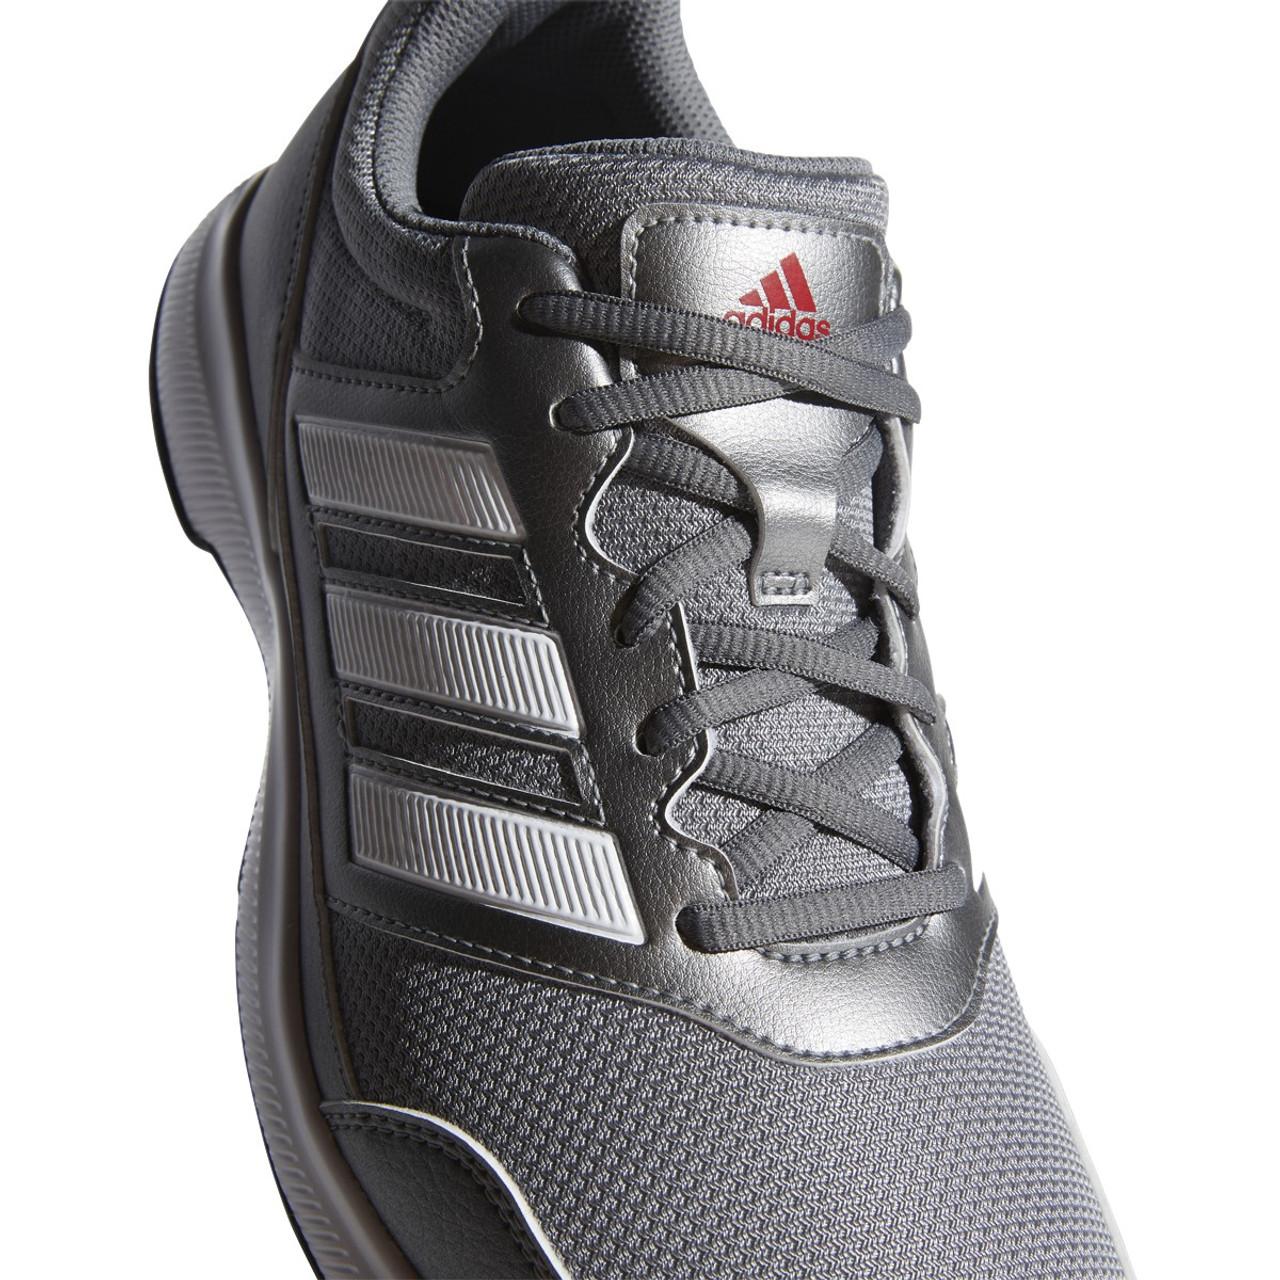 Adidas Tech Response 2.0 Golf Shoes - Iron Metallic / White / Scarlet